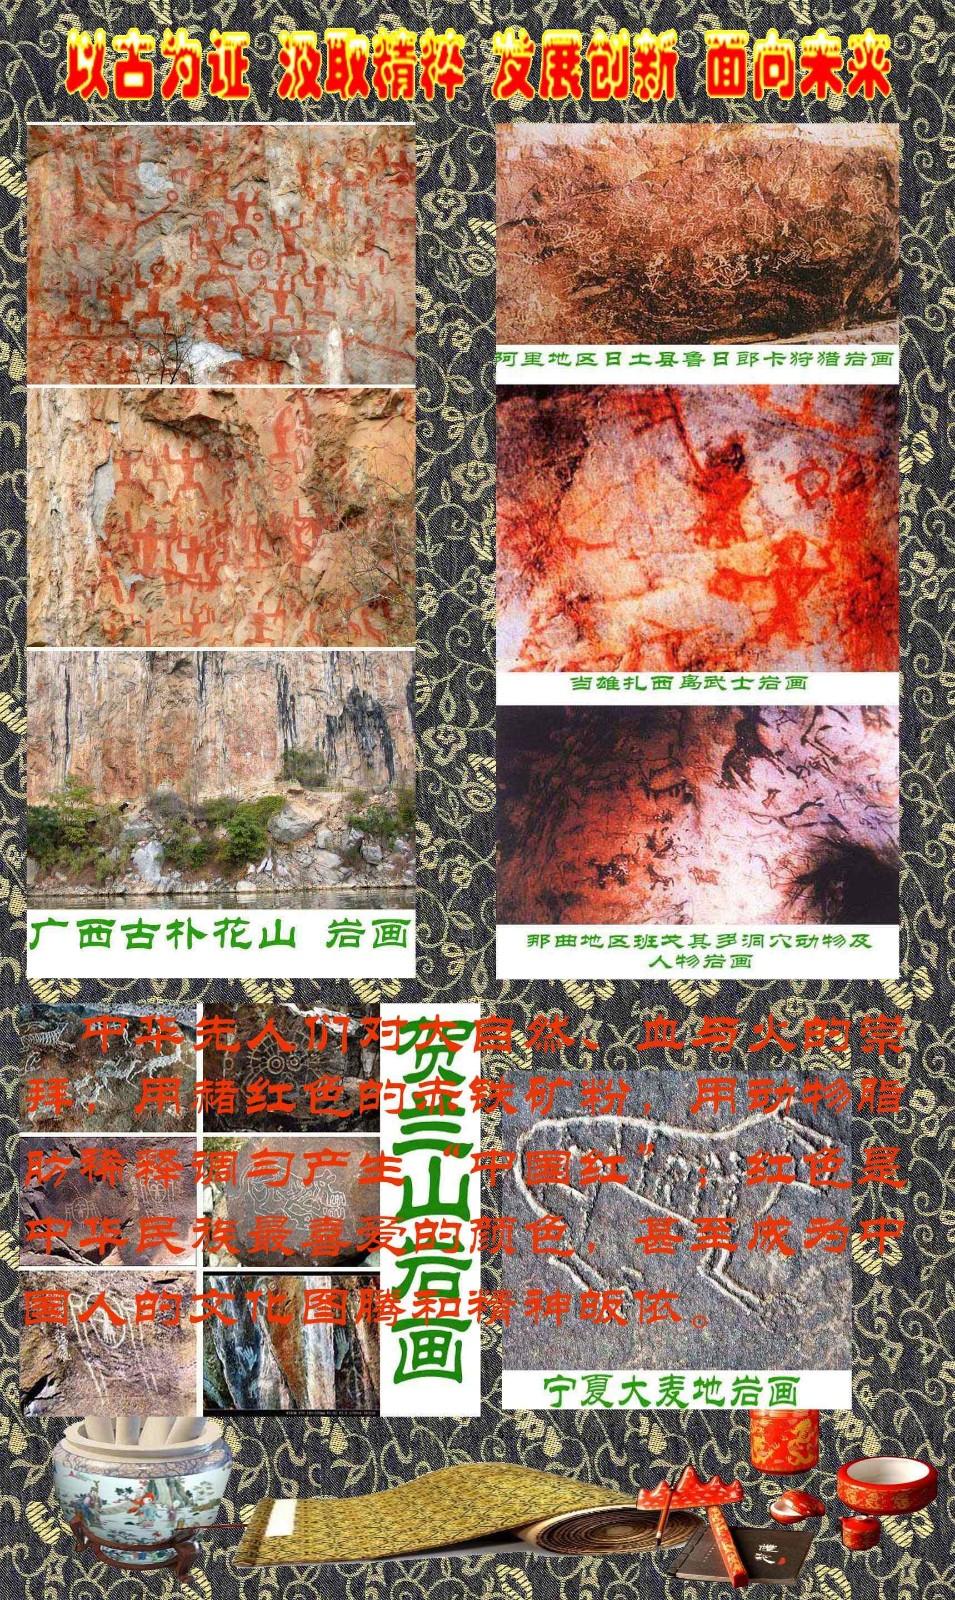 和而不同是常态 中华文明耀世界_图1-6